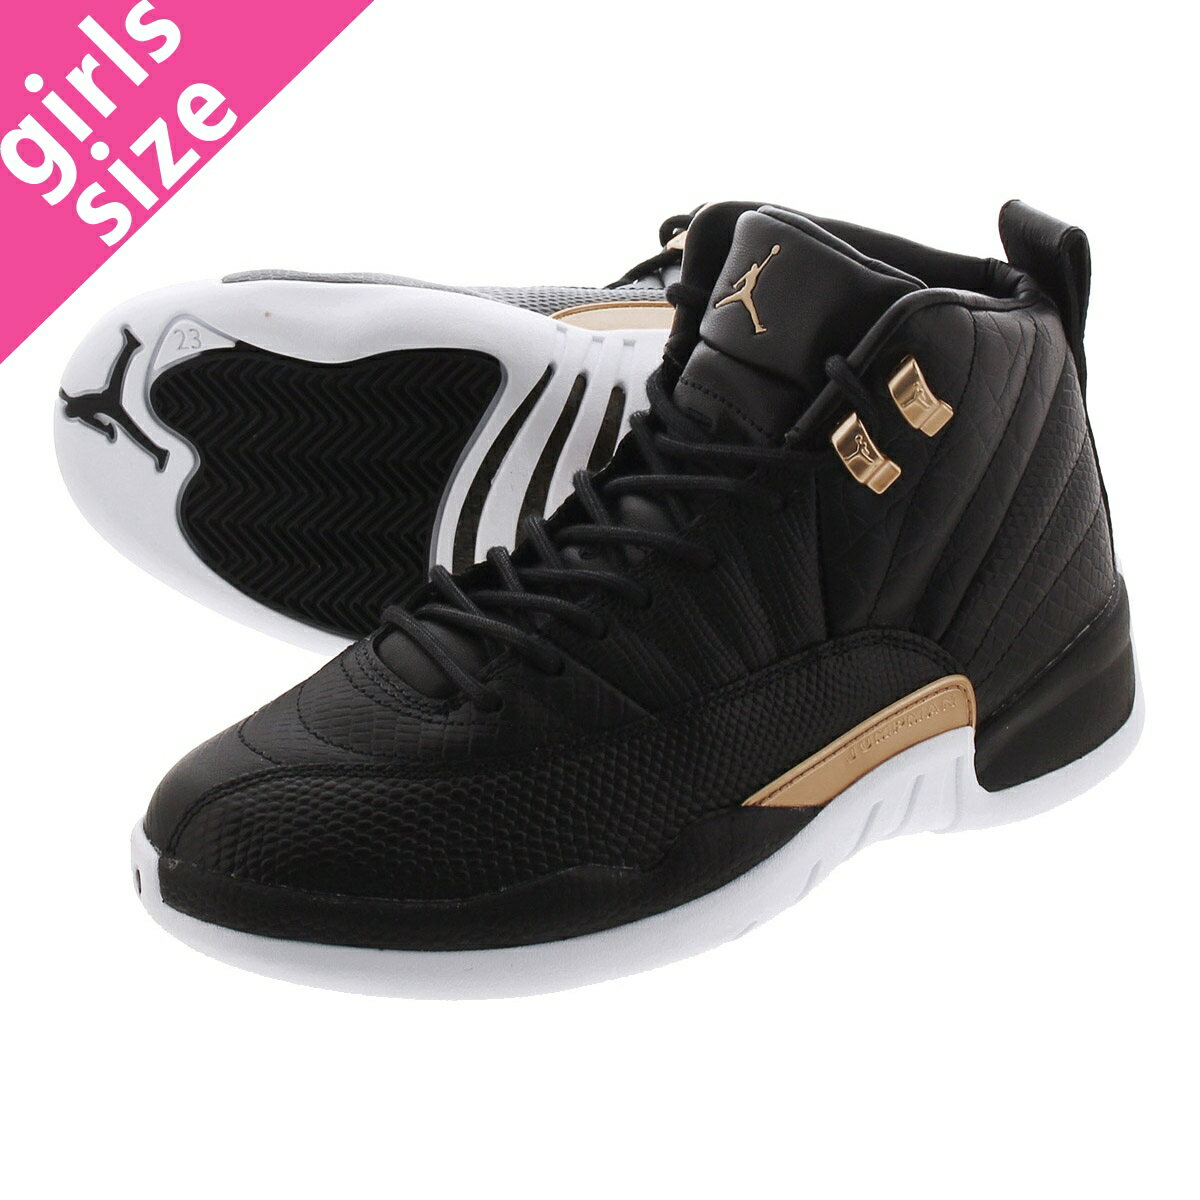 レディース靴, スニーカー NIKE WMNS AIR JORDAN 12 RETRO 12 BLACKMETALLIC GOLDWHITE ao6068-007